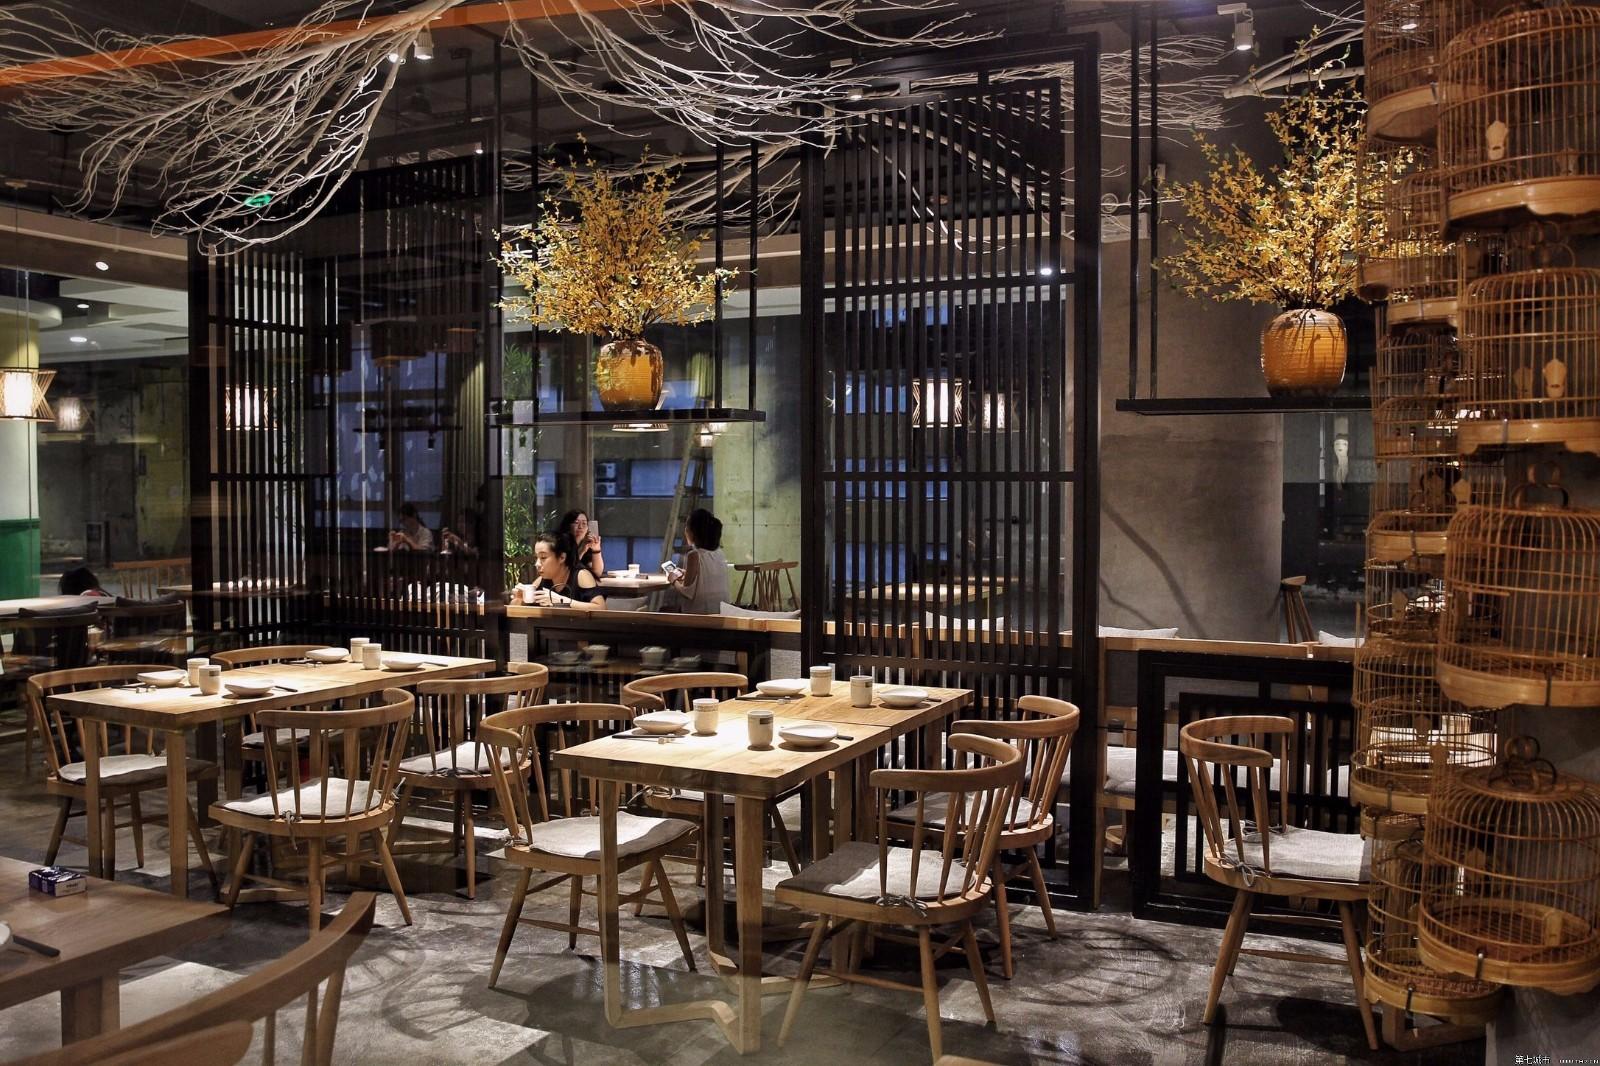 餐厅中生长出自然,看原生态的餐饮空间设计